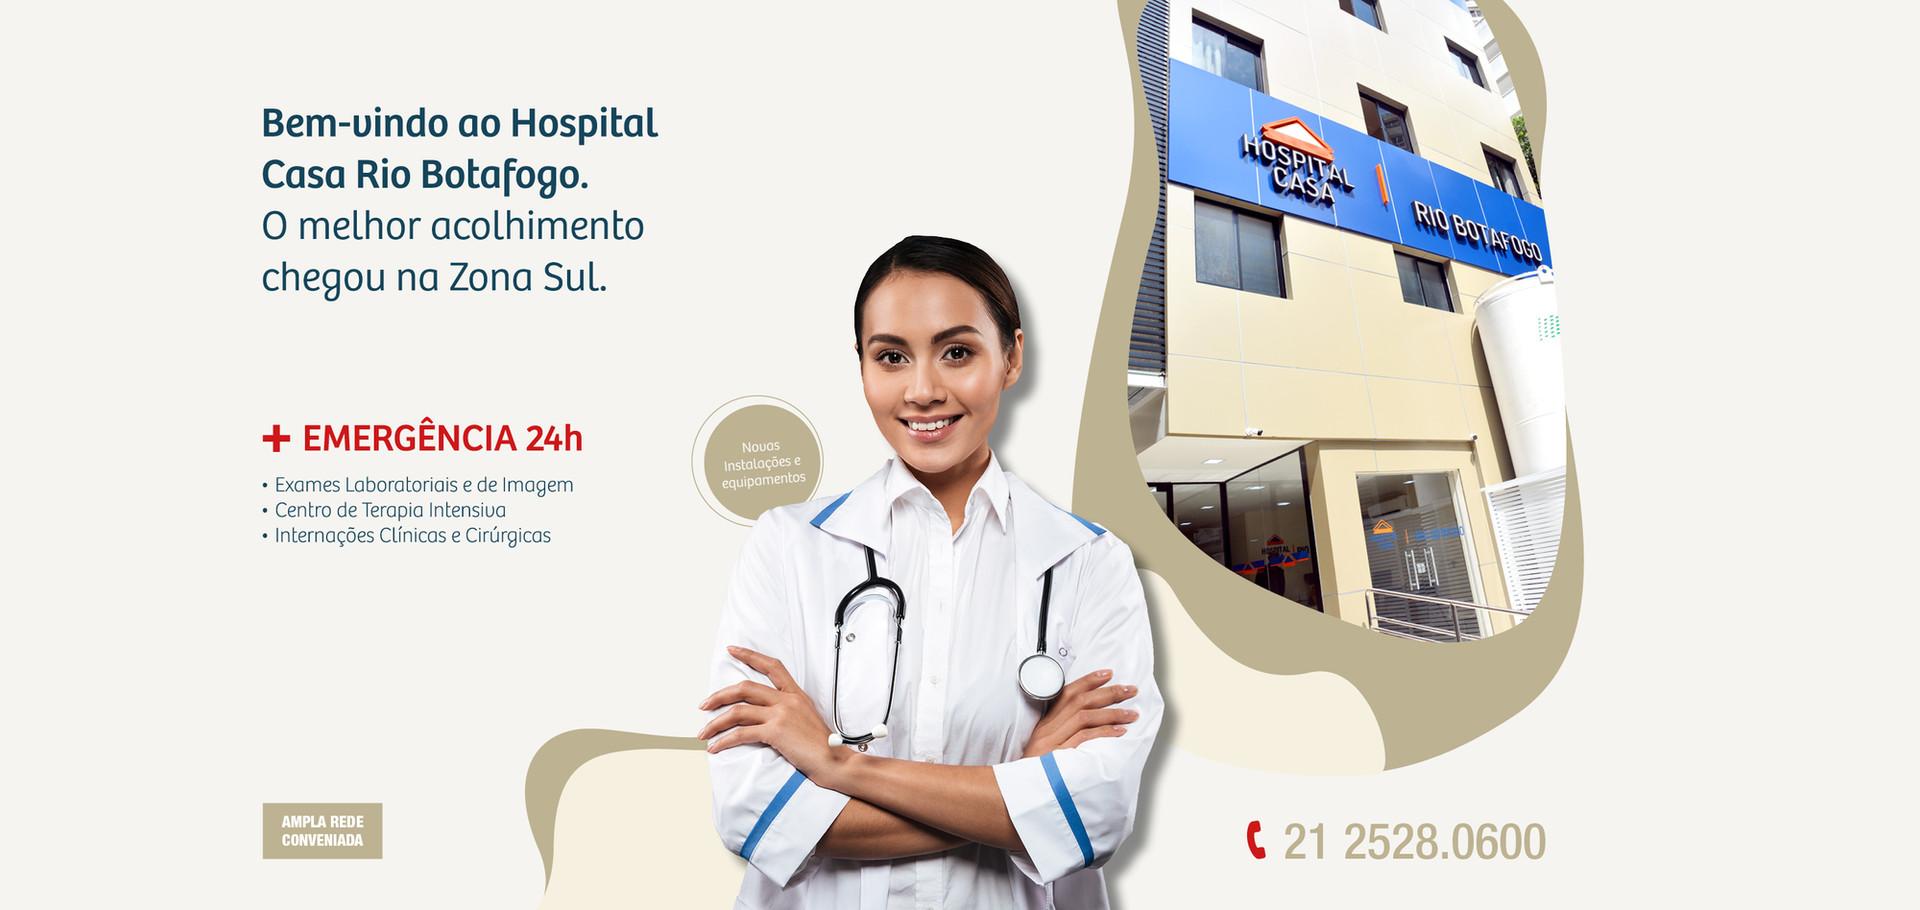 Hospital Casa Rio Botafogo.jpg